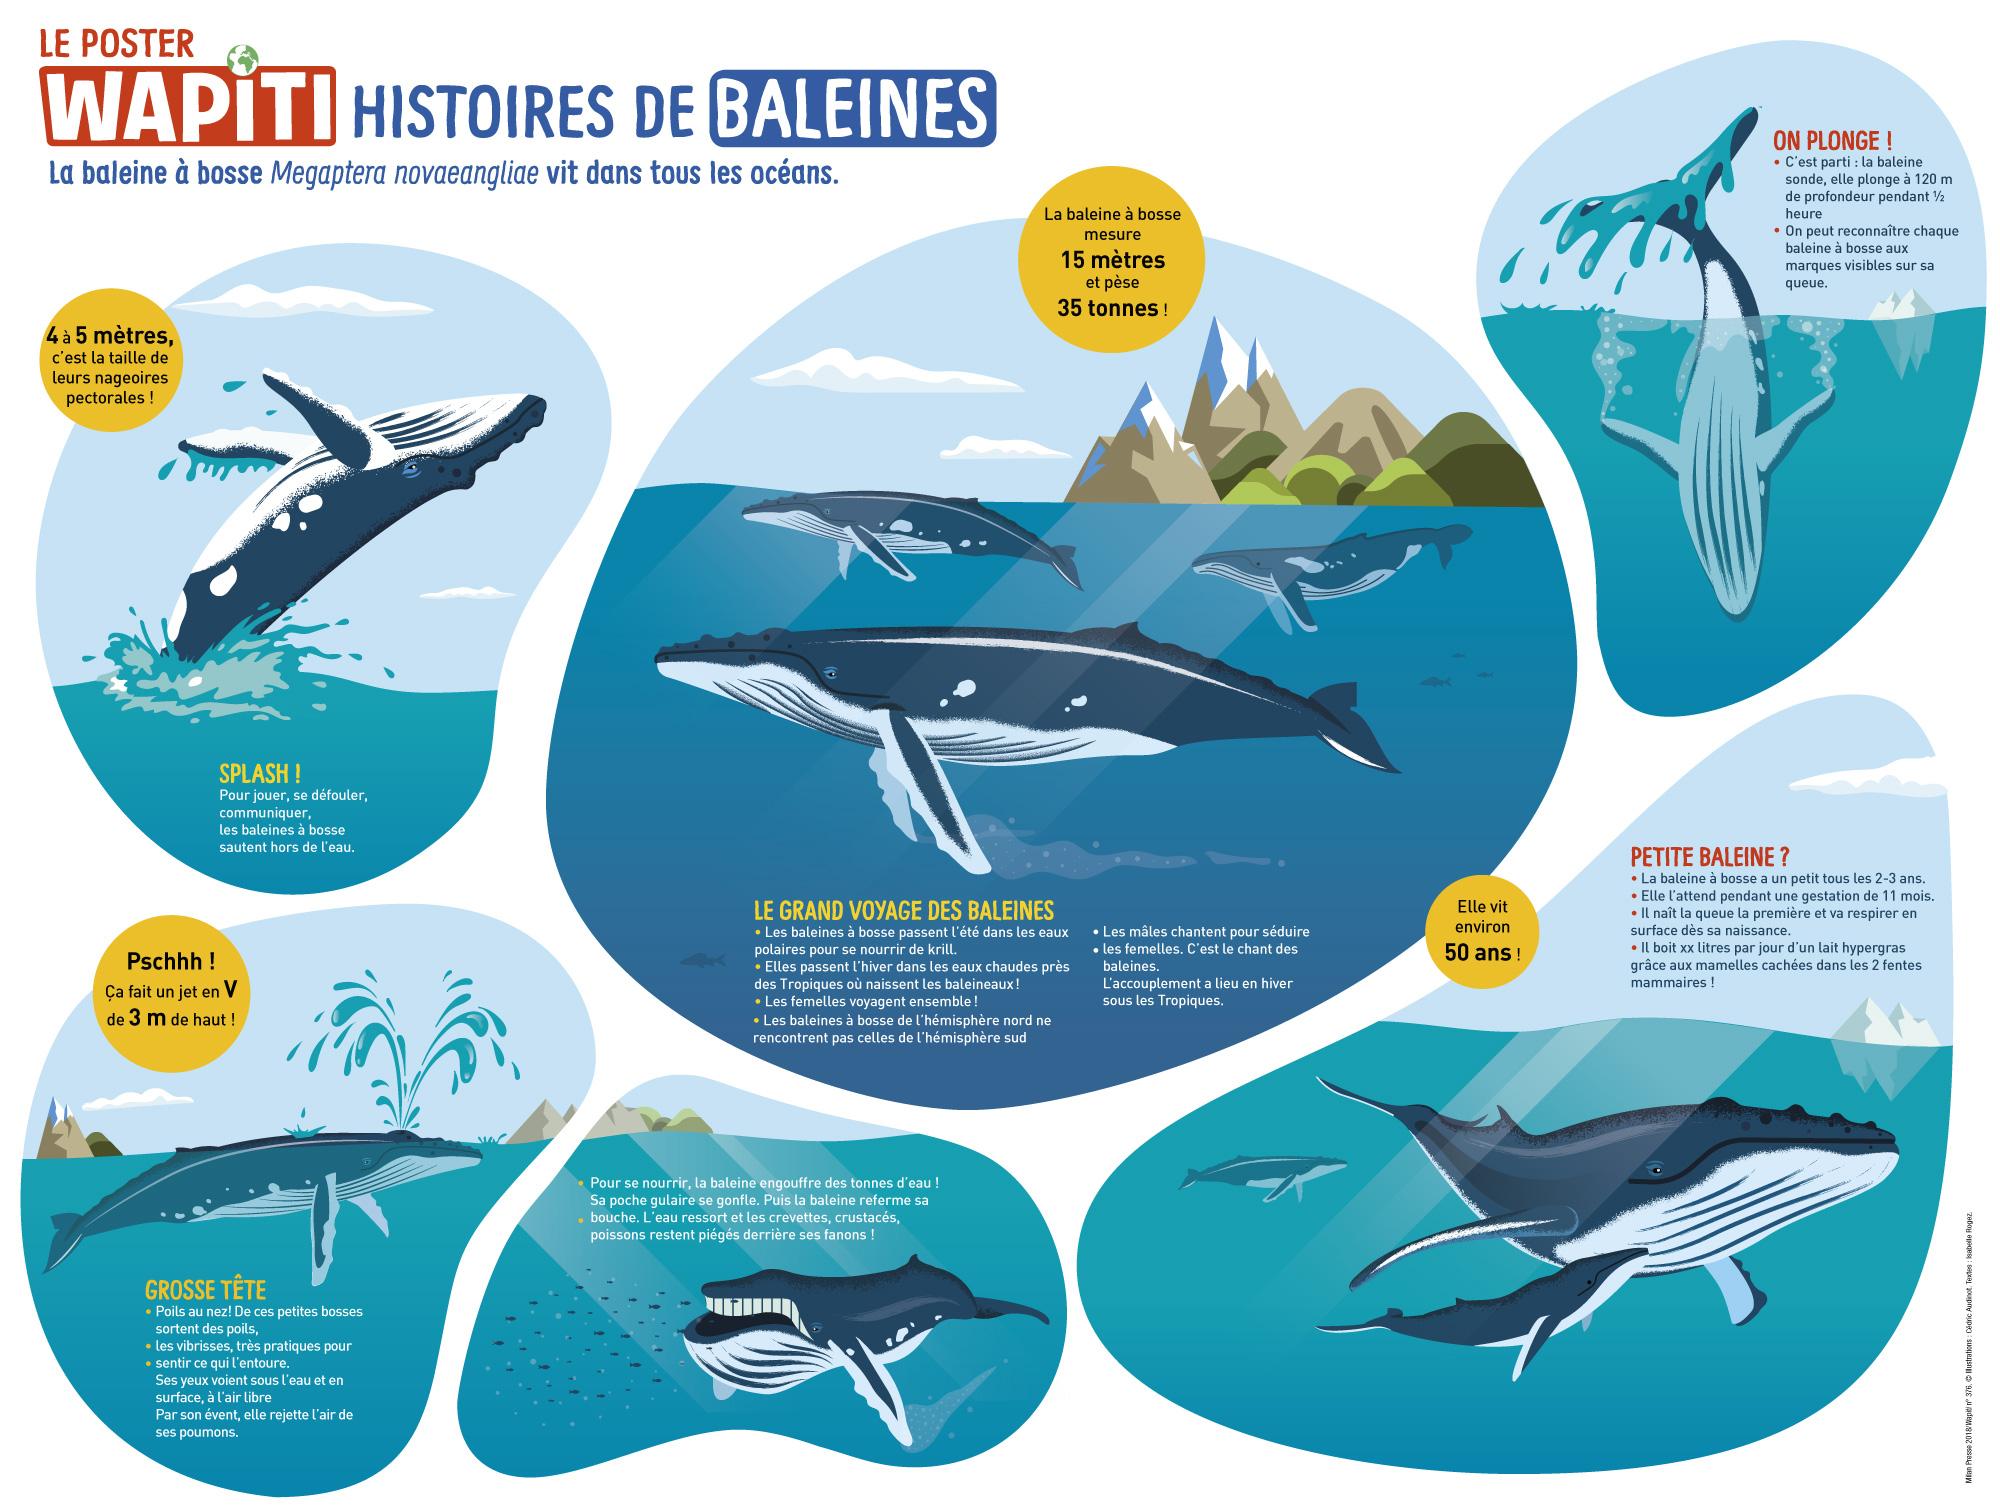 Poster : Histoire des baleines, Wapiti.